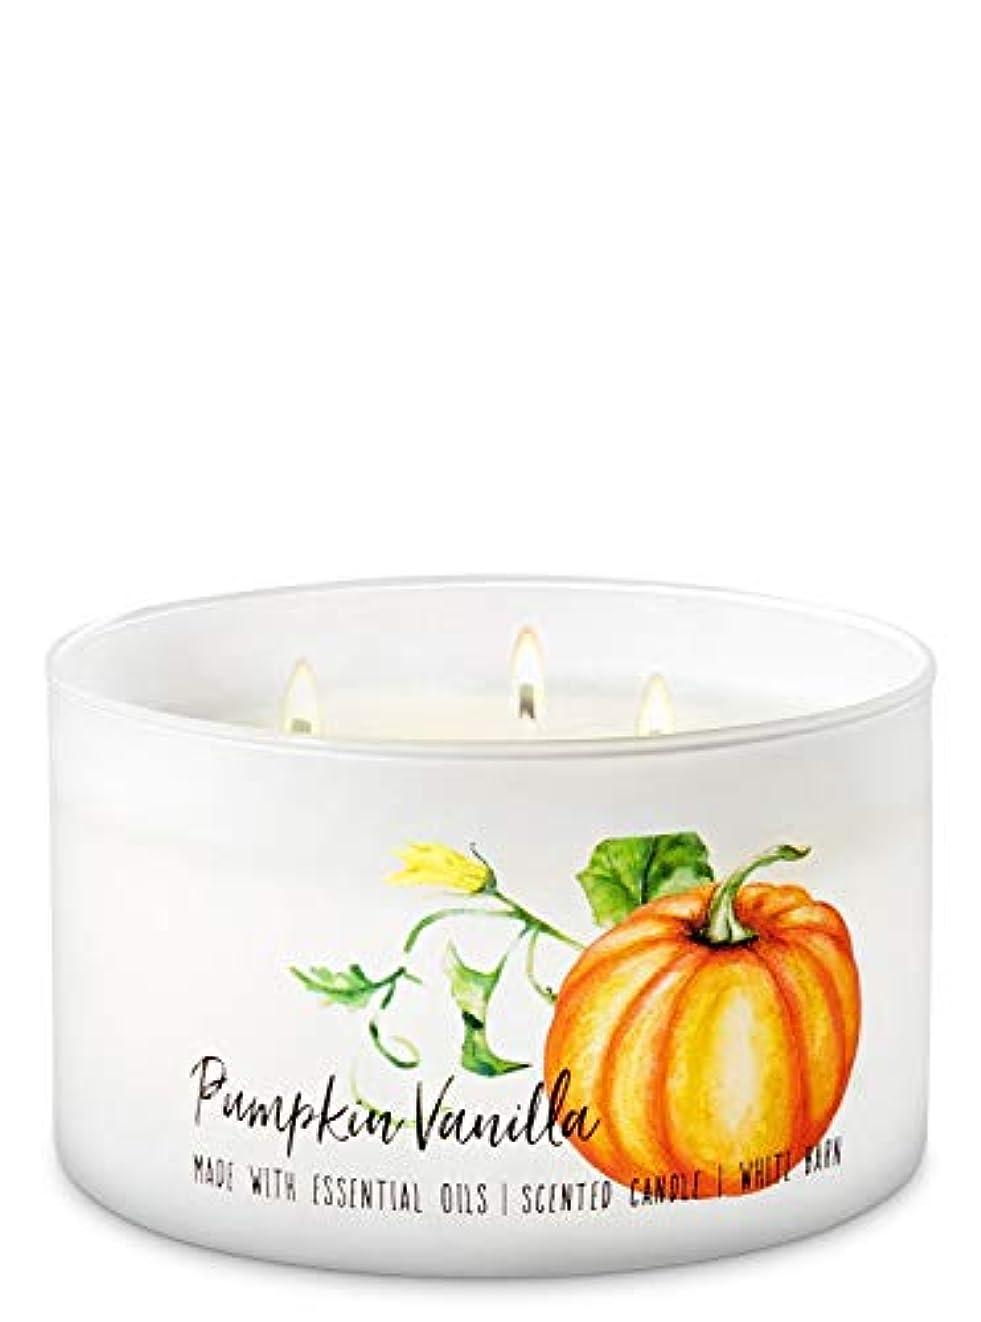 宇宙ルネッサンスベジタリアン【Bath&Body Works/バス&ボディワークス】 アロマキャンドル パンプキンバニラ 3-Wick Scented Candle Pumpkin Vanilla 14.5oz/411g [並行輸入品]